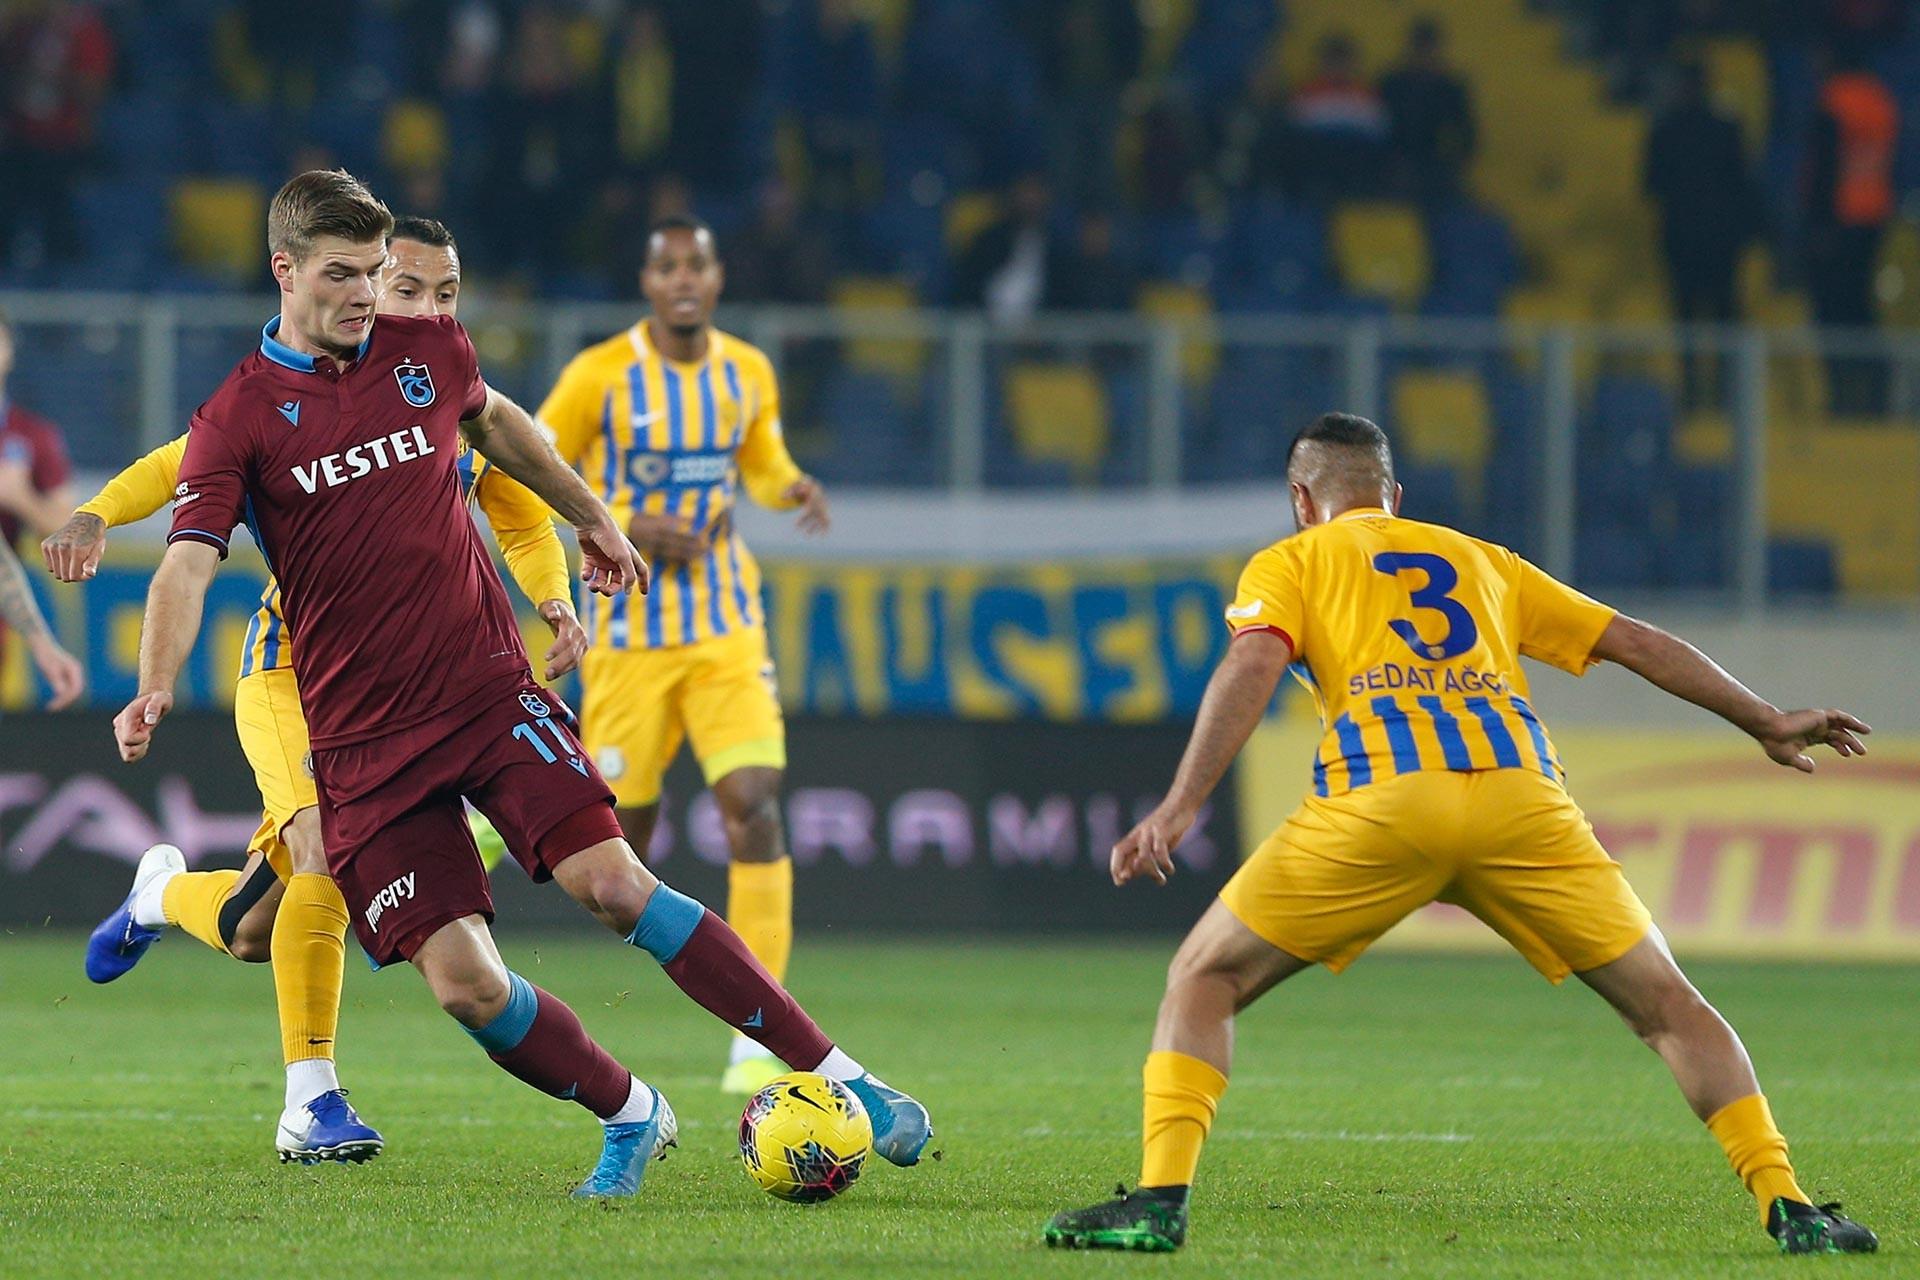 Trabzonspor oyuncusu Sorloth ile Ankaragücü oyuncusu Sedat Ağçay maçta mücadele ederken